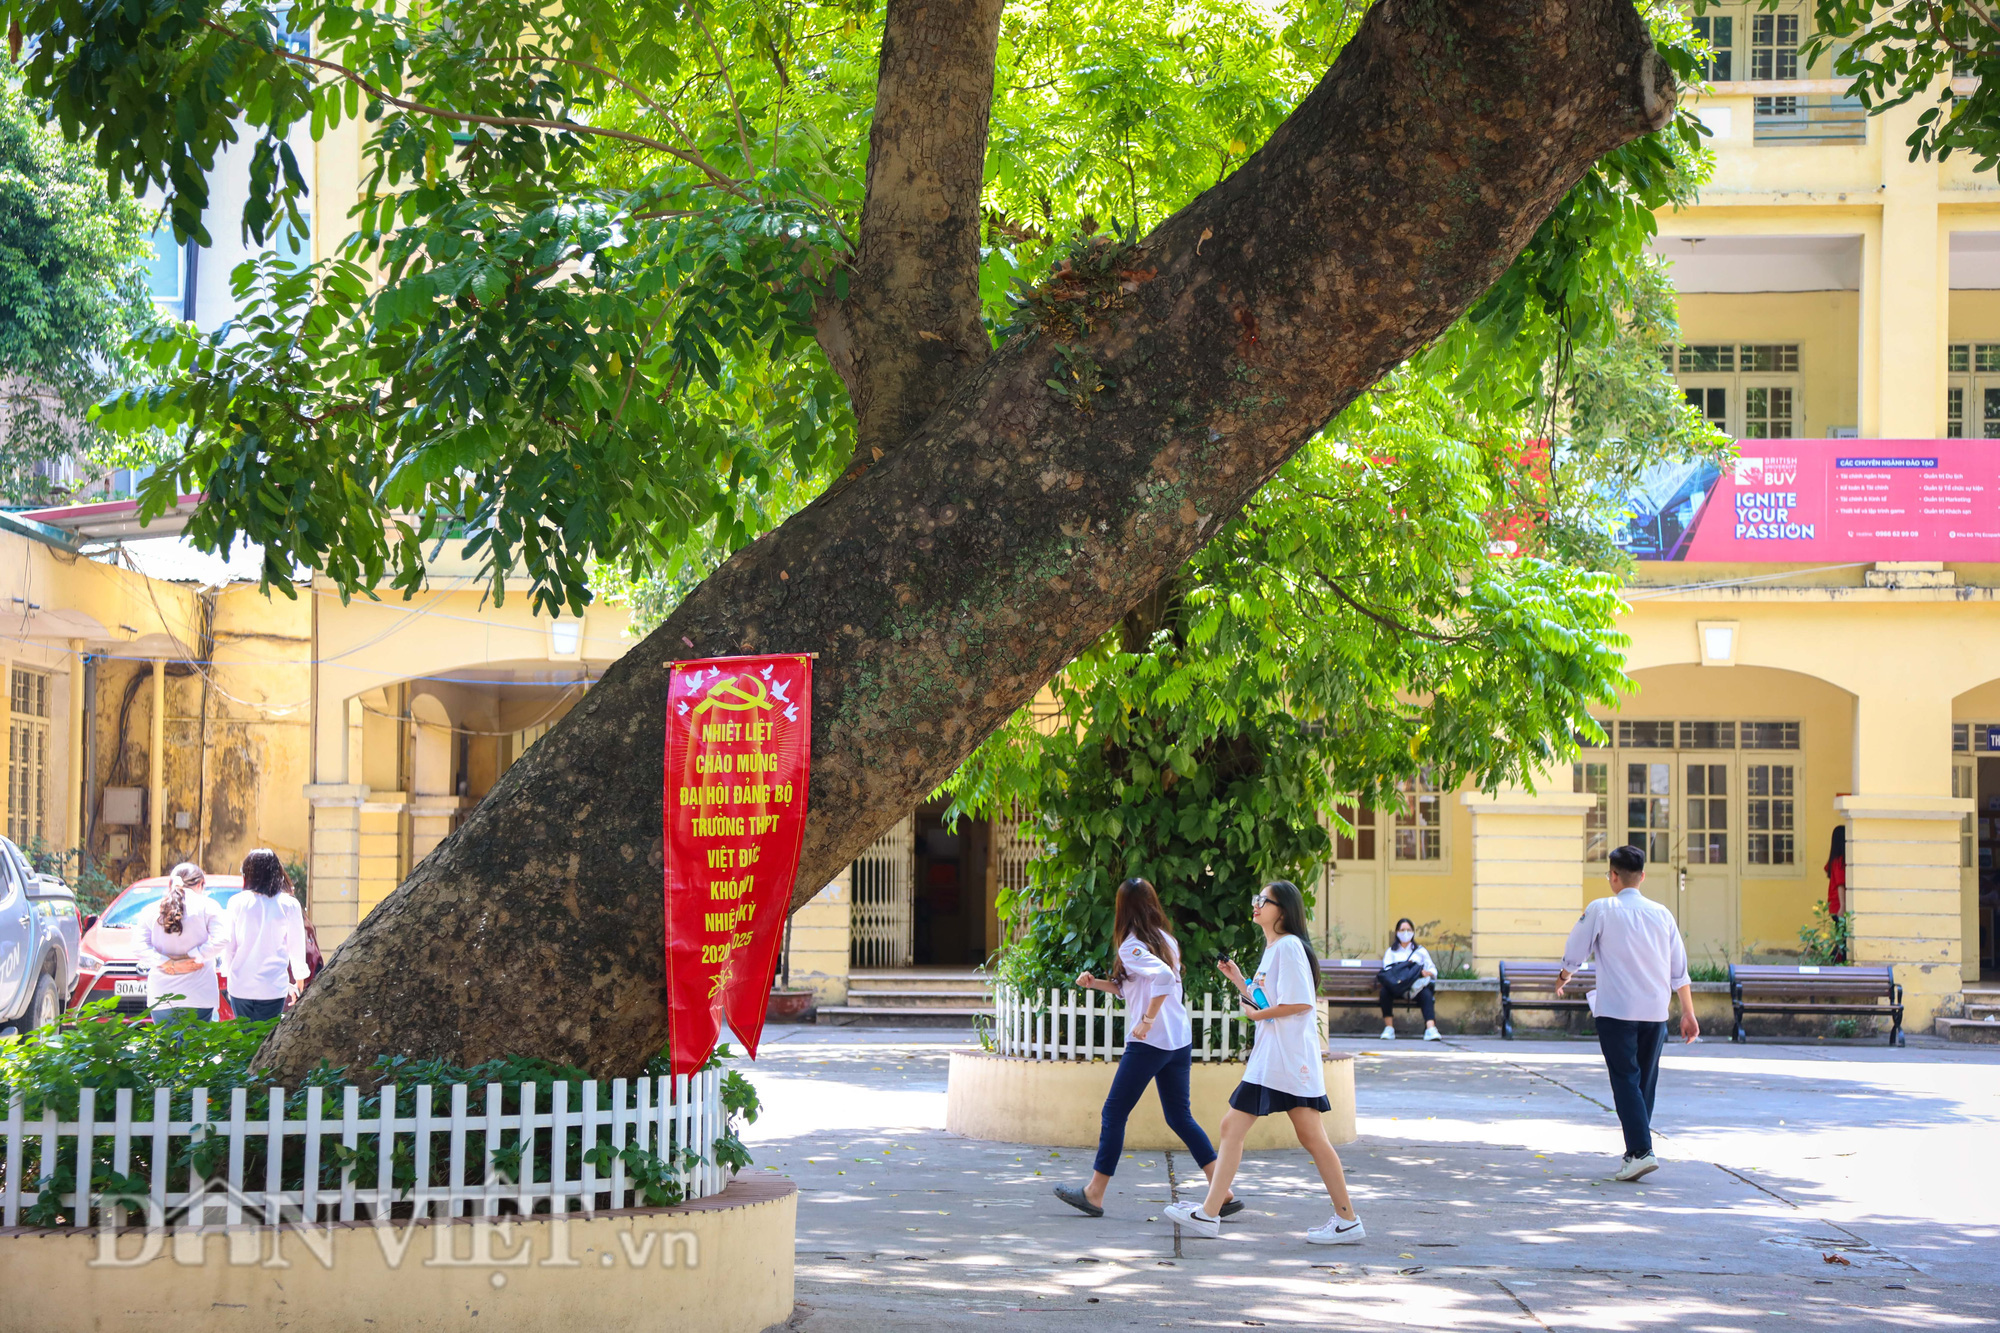 Học sinh Hà Nội không hề lo sợ dù ngồi giữa sân trường đầy cây cổ thụ - Ảnh 13.